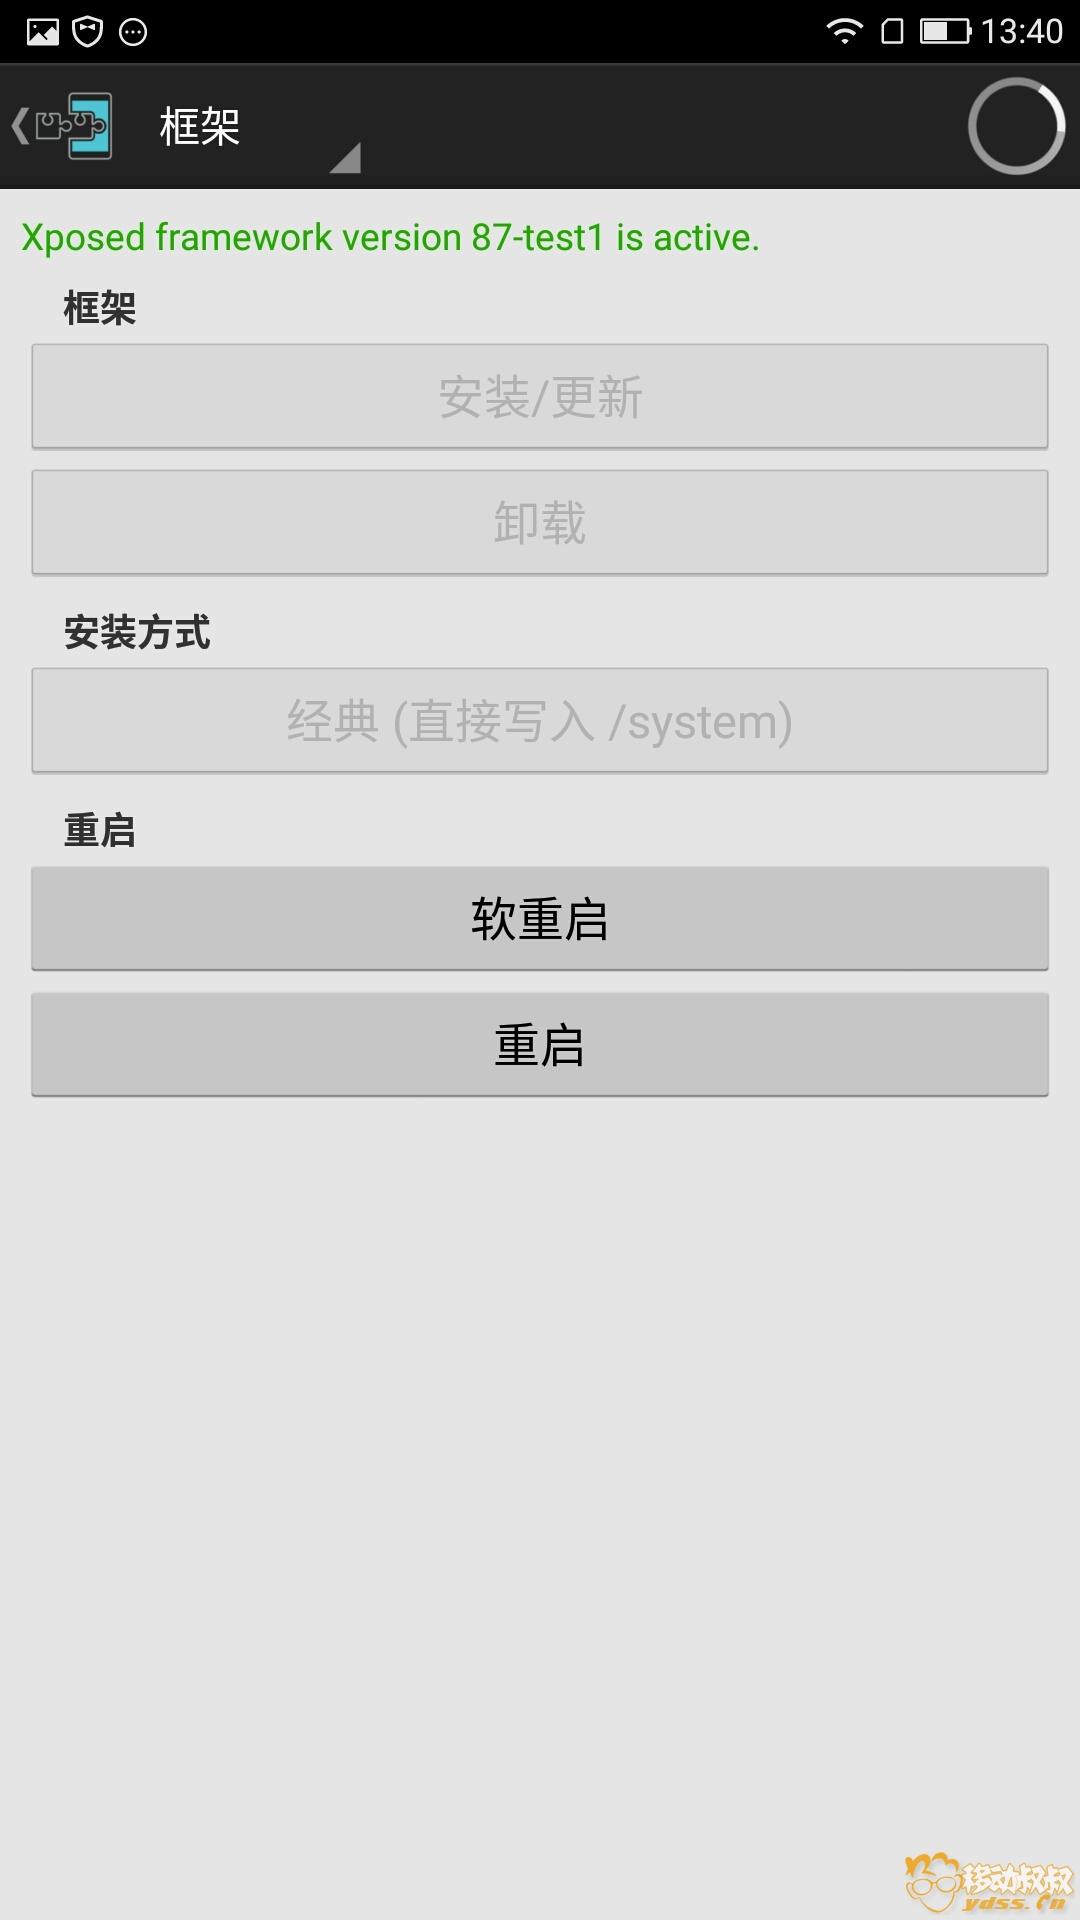 Screenshot_20180410-134031.jpg